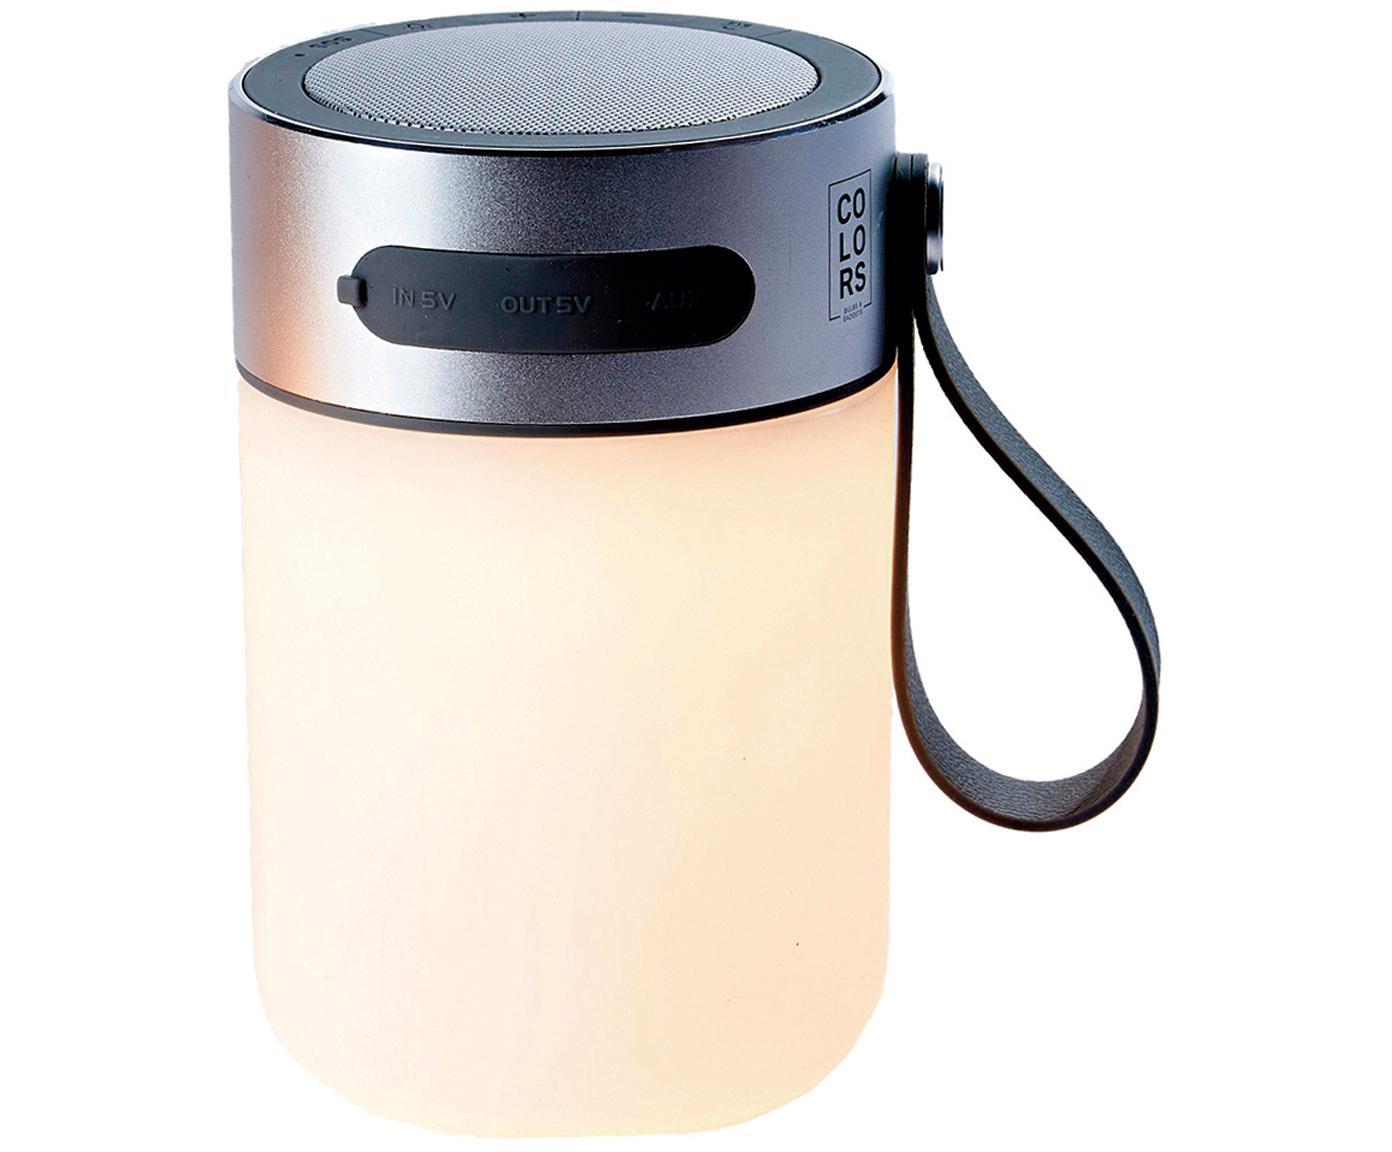 Mobile LED Außenleuchte mit Lautsprecher Sound Jar, Gehäuse: Metall, Lampenschirm: Kunststoff, Silberfarben, Weiß, Ø 9 x H 14 cm